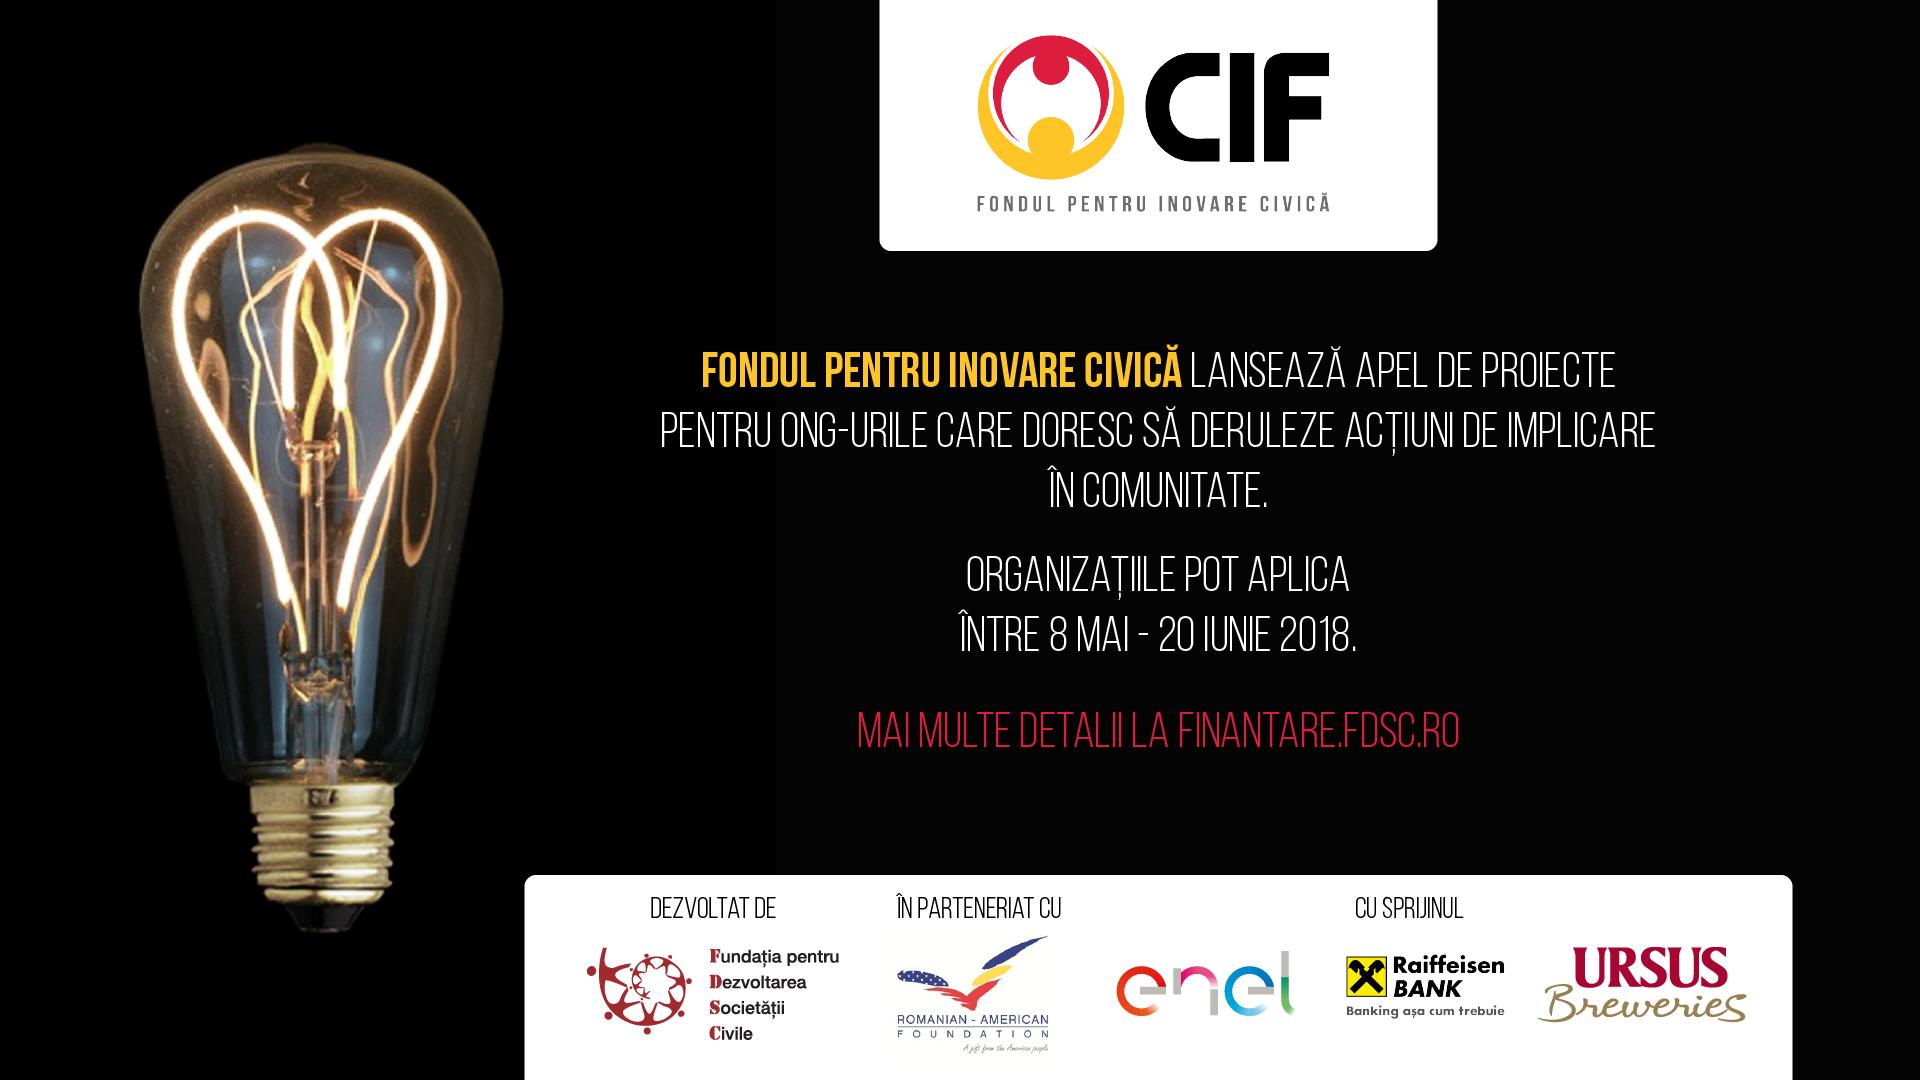 CIF: Finanțare pentru ONG-uri care doresc să deruleze acțiuni de implicare în comunitate